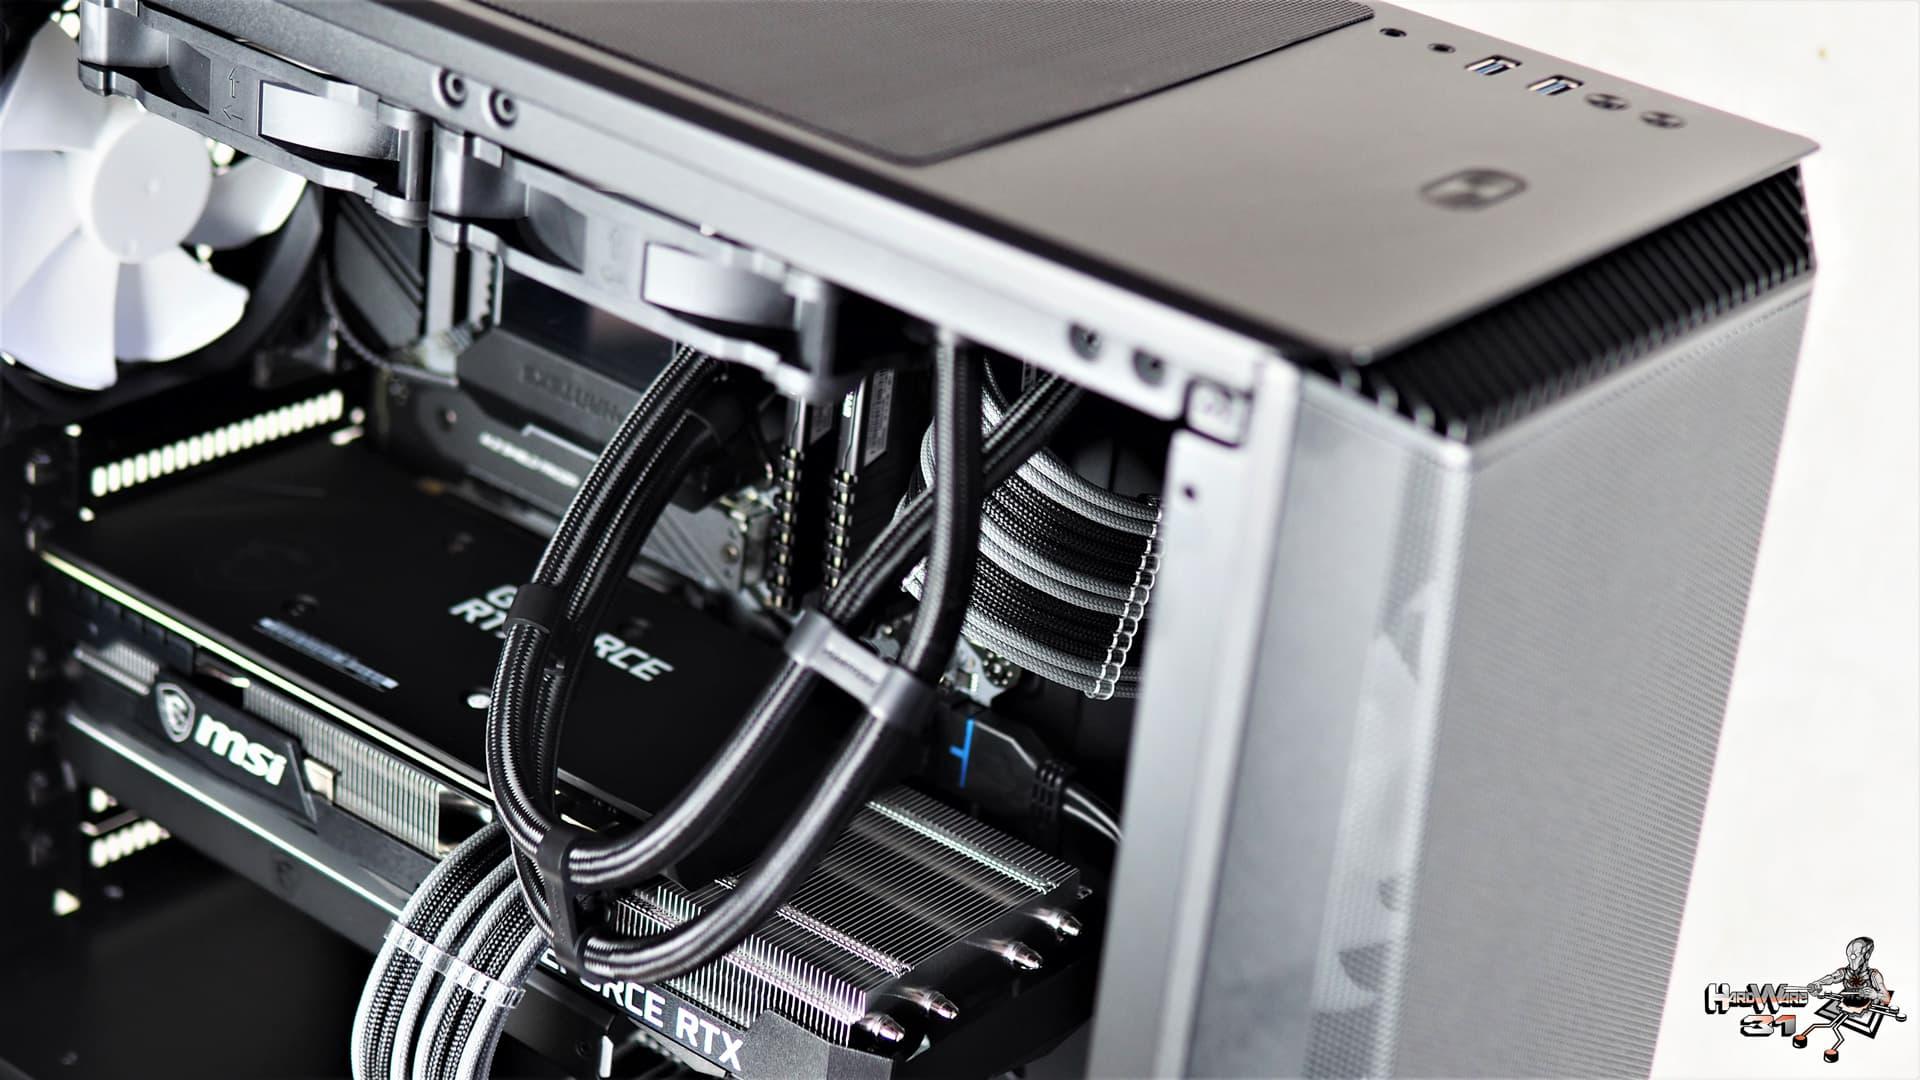 La MSI GeForce RTX 3070 Ventus 3X utilisée dans ce montage client Phanteks Eclipse P360A effectué avec le configurateur PC Hardware31